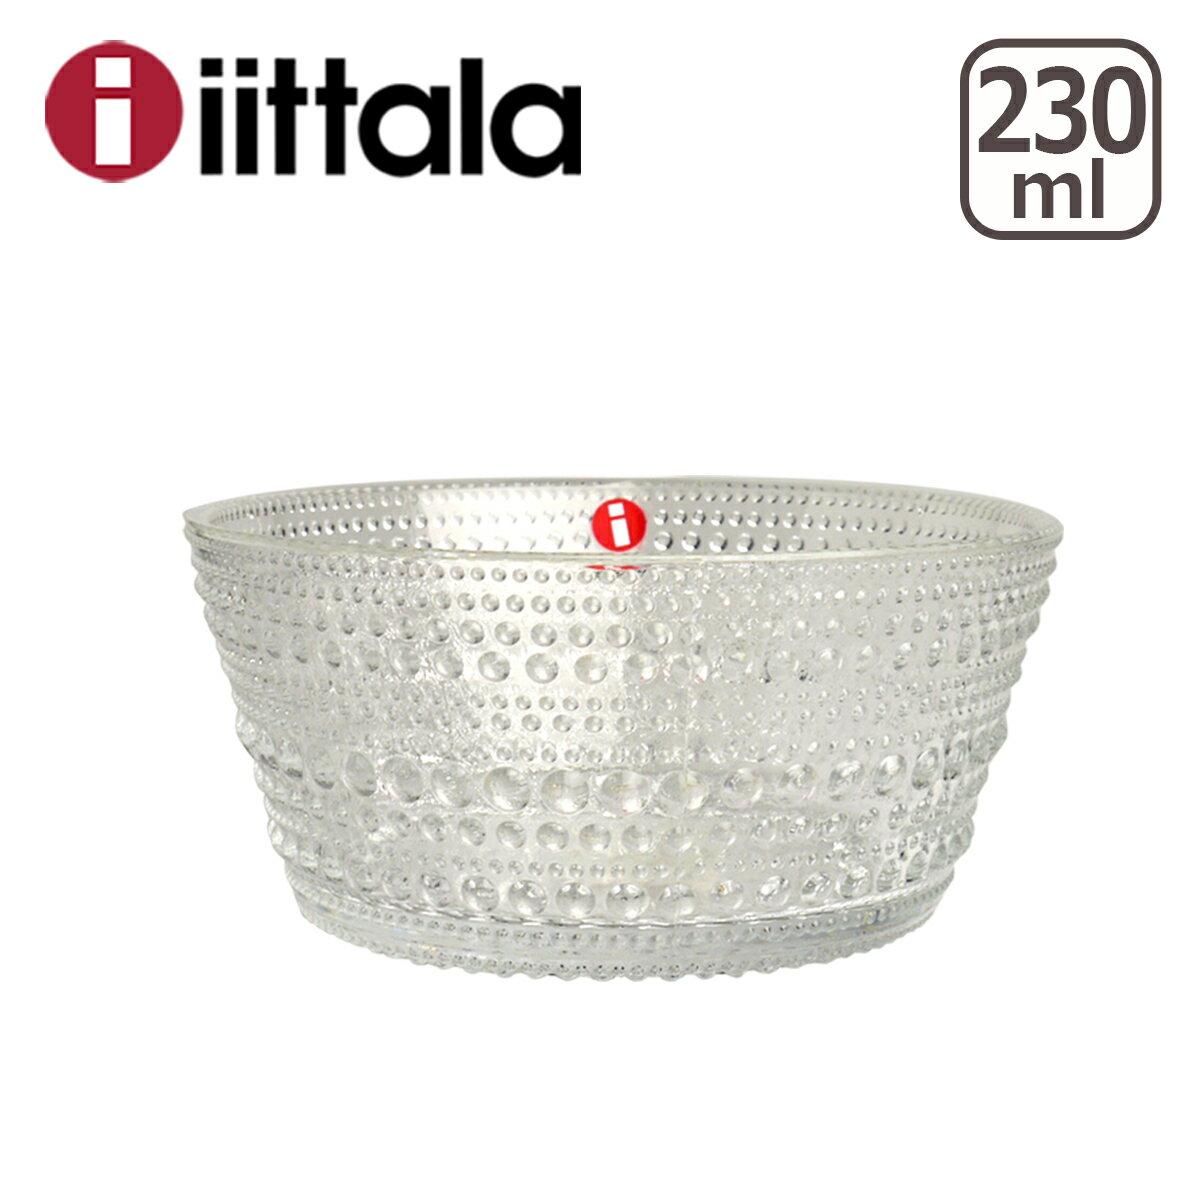 イッタラ カステヘルミ iittala (KASTEHELMI) ボウル 230ml クリアー ita7505-p ガラス ボウル イッタラ/ittala 北欧 フィンランド 食器 02P09Jul16